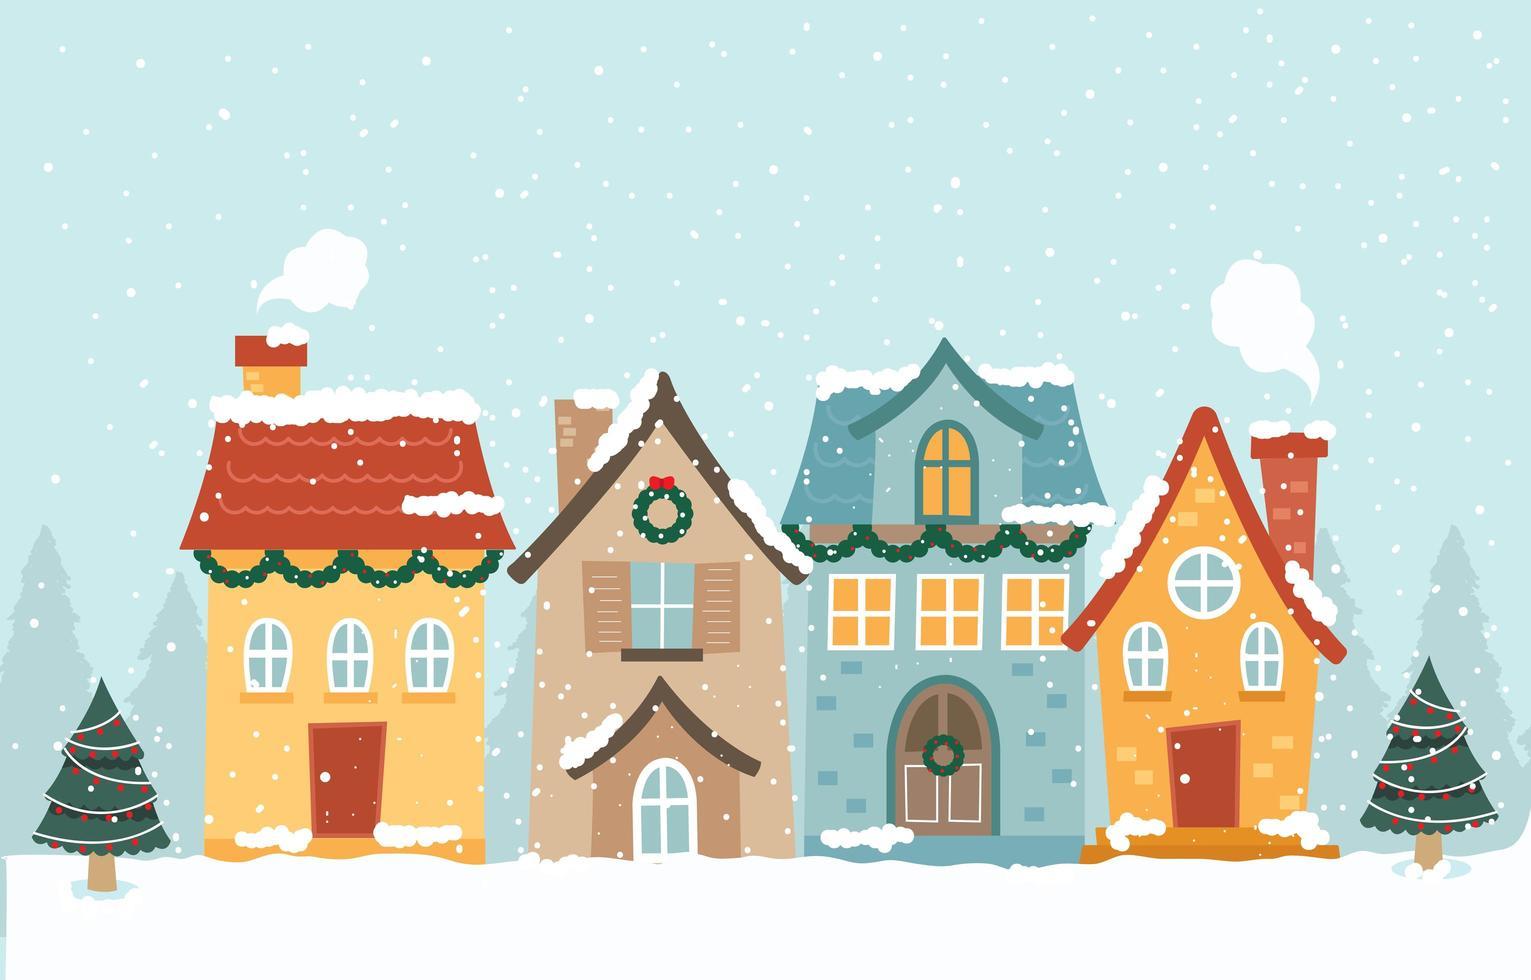 quatre maisons couvertes de neige pendant la saison d'hiver vecteur